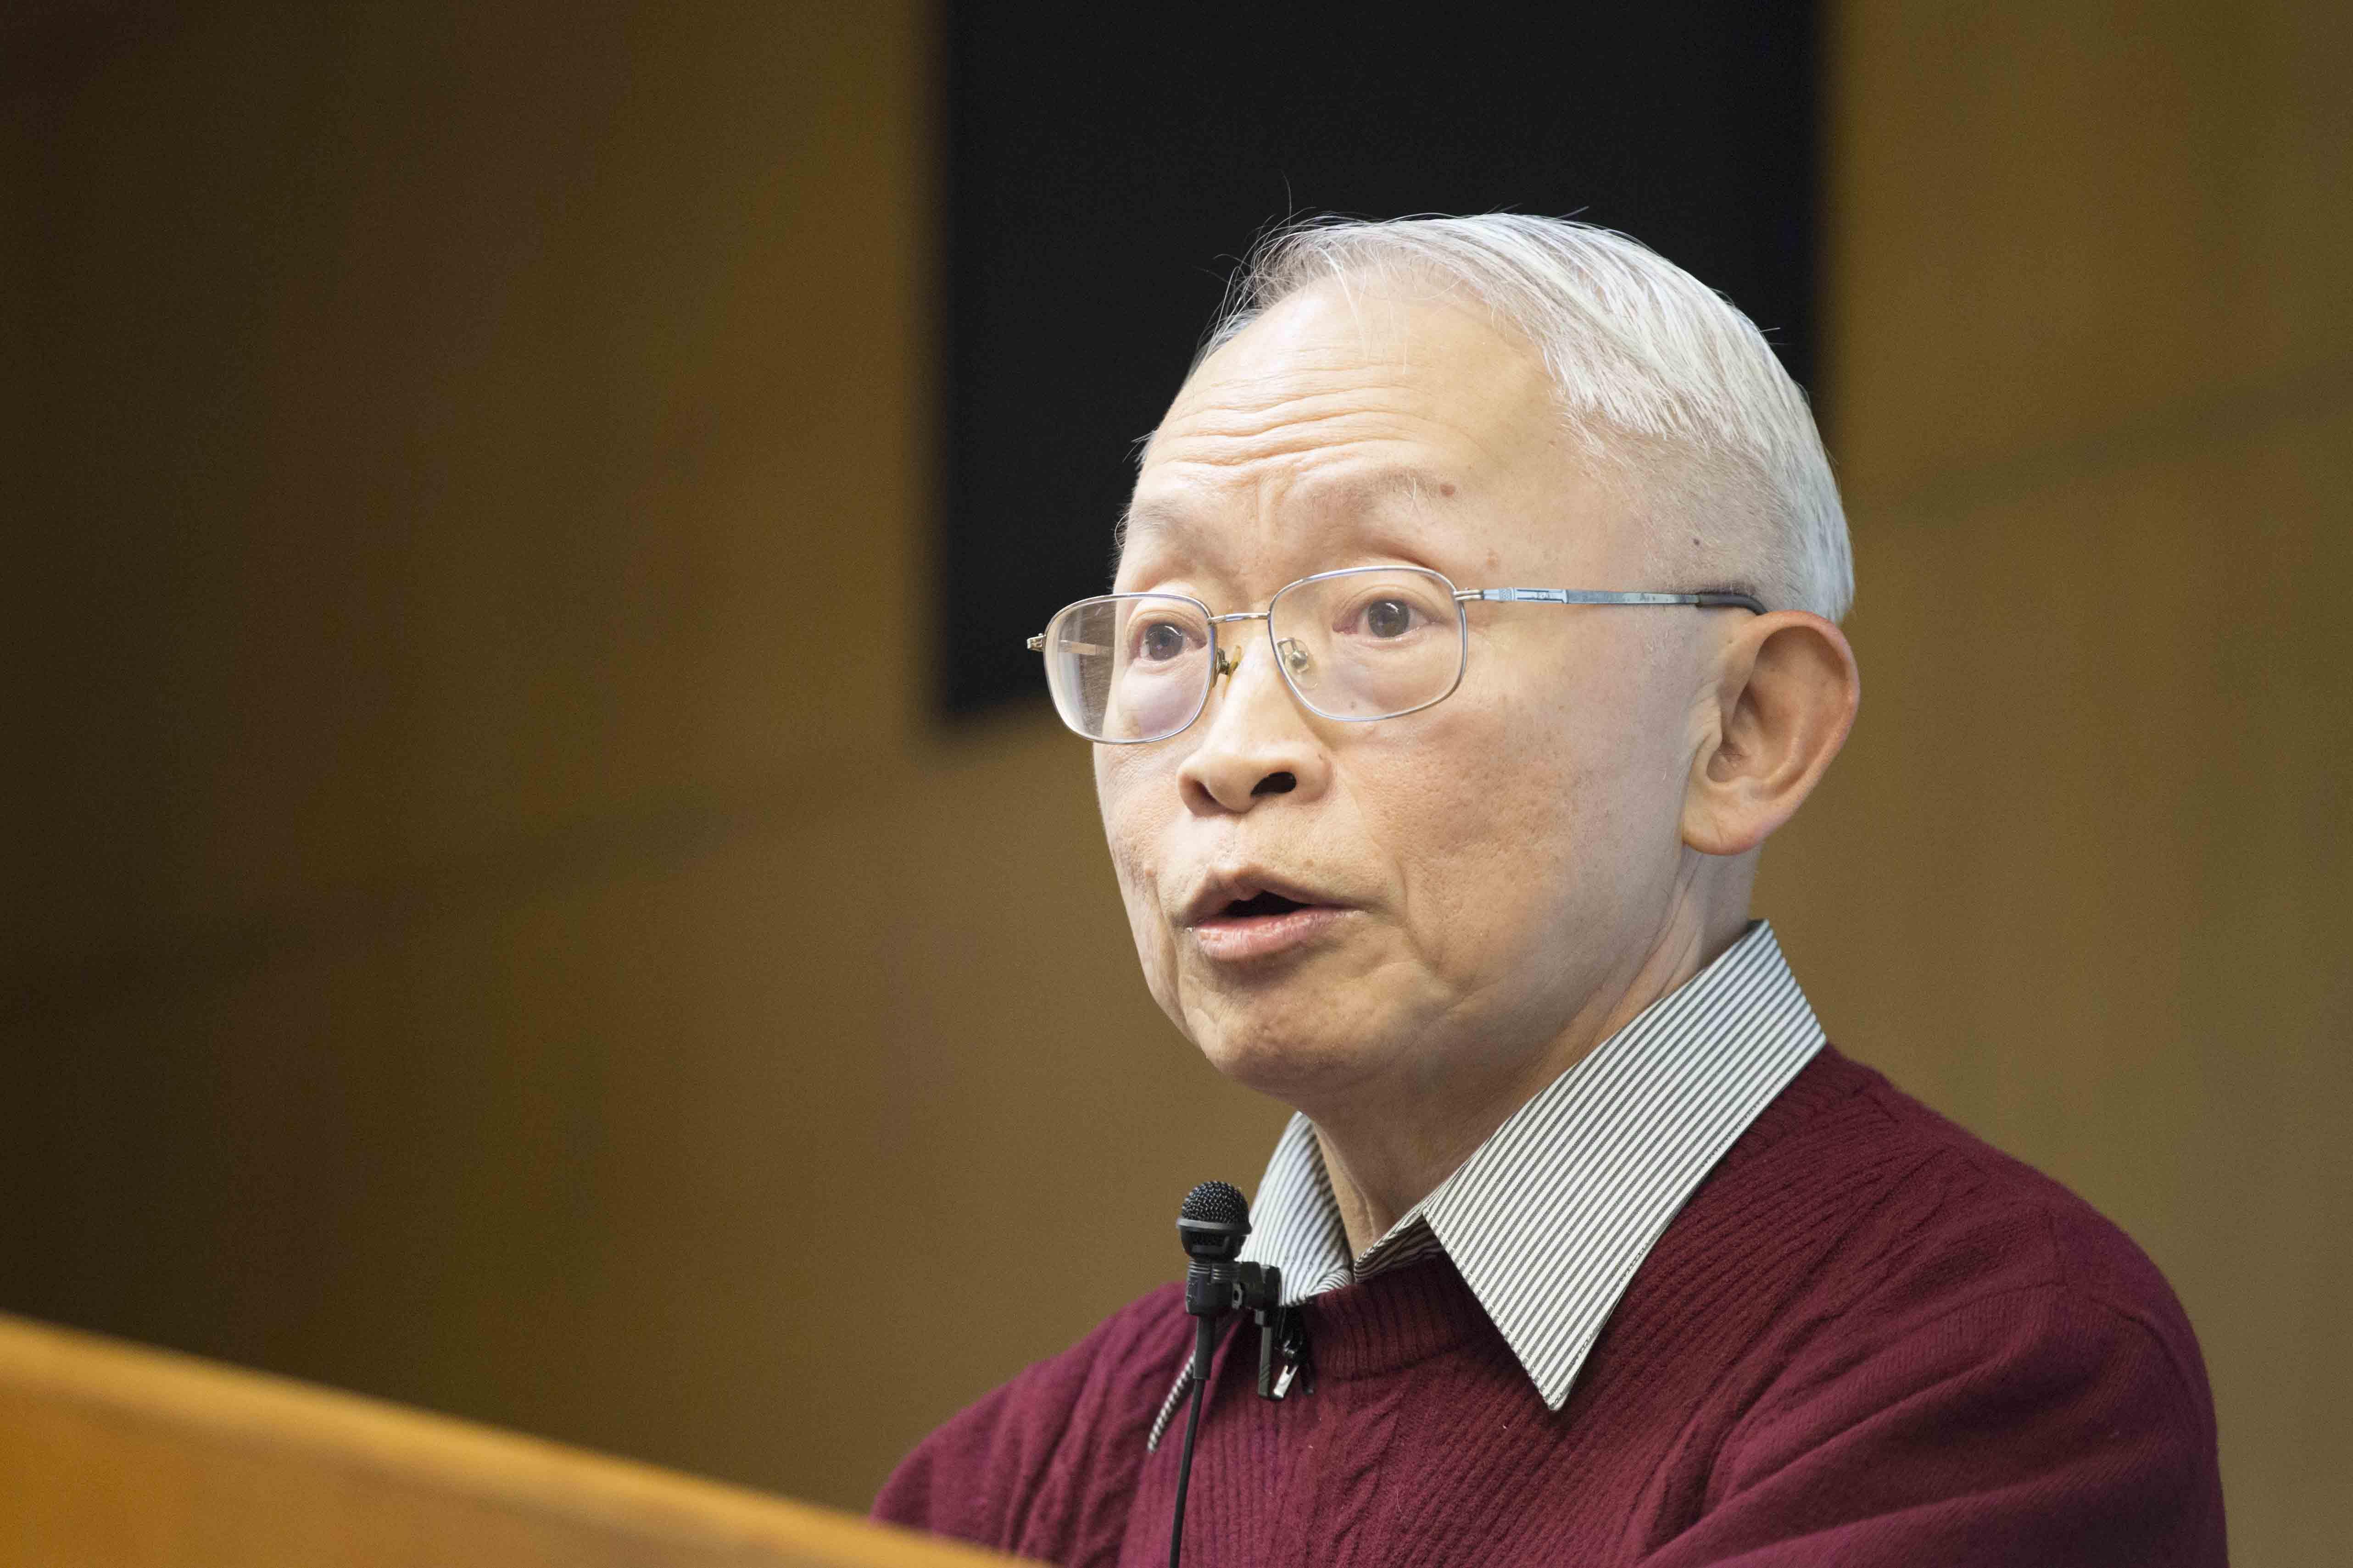 李琳山是臺灣研究語音技術的先行者,也是全球研究華語語音技術的拓荒者,一路看著「華語語音技術」由誕生、成長到茁壯。 攝影│張語辰